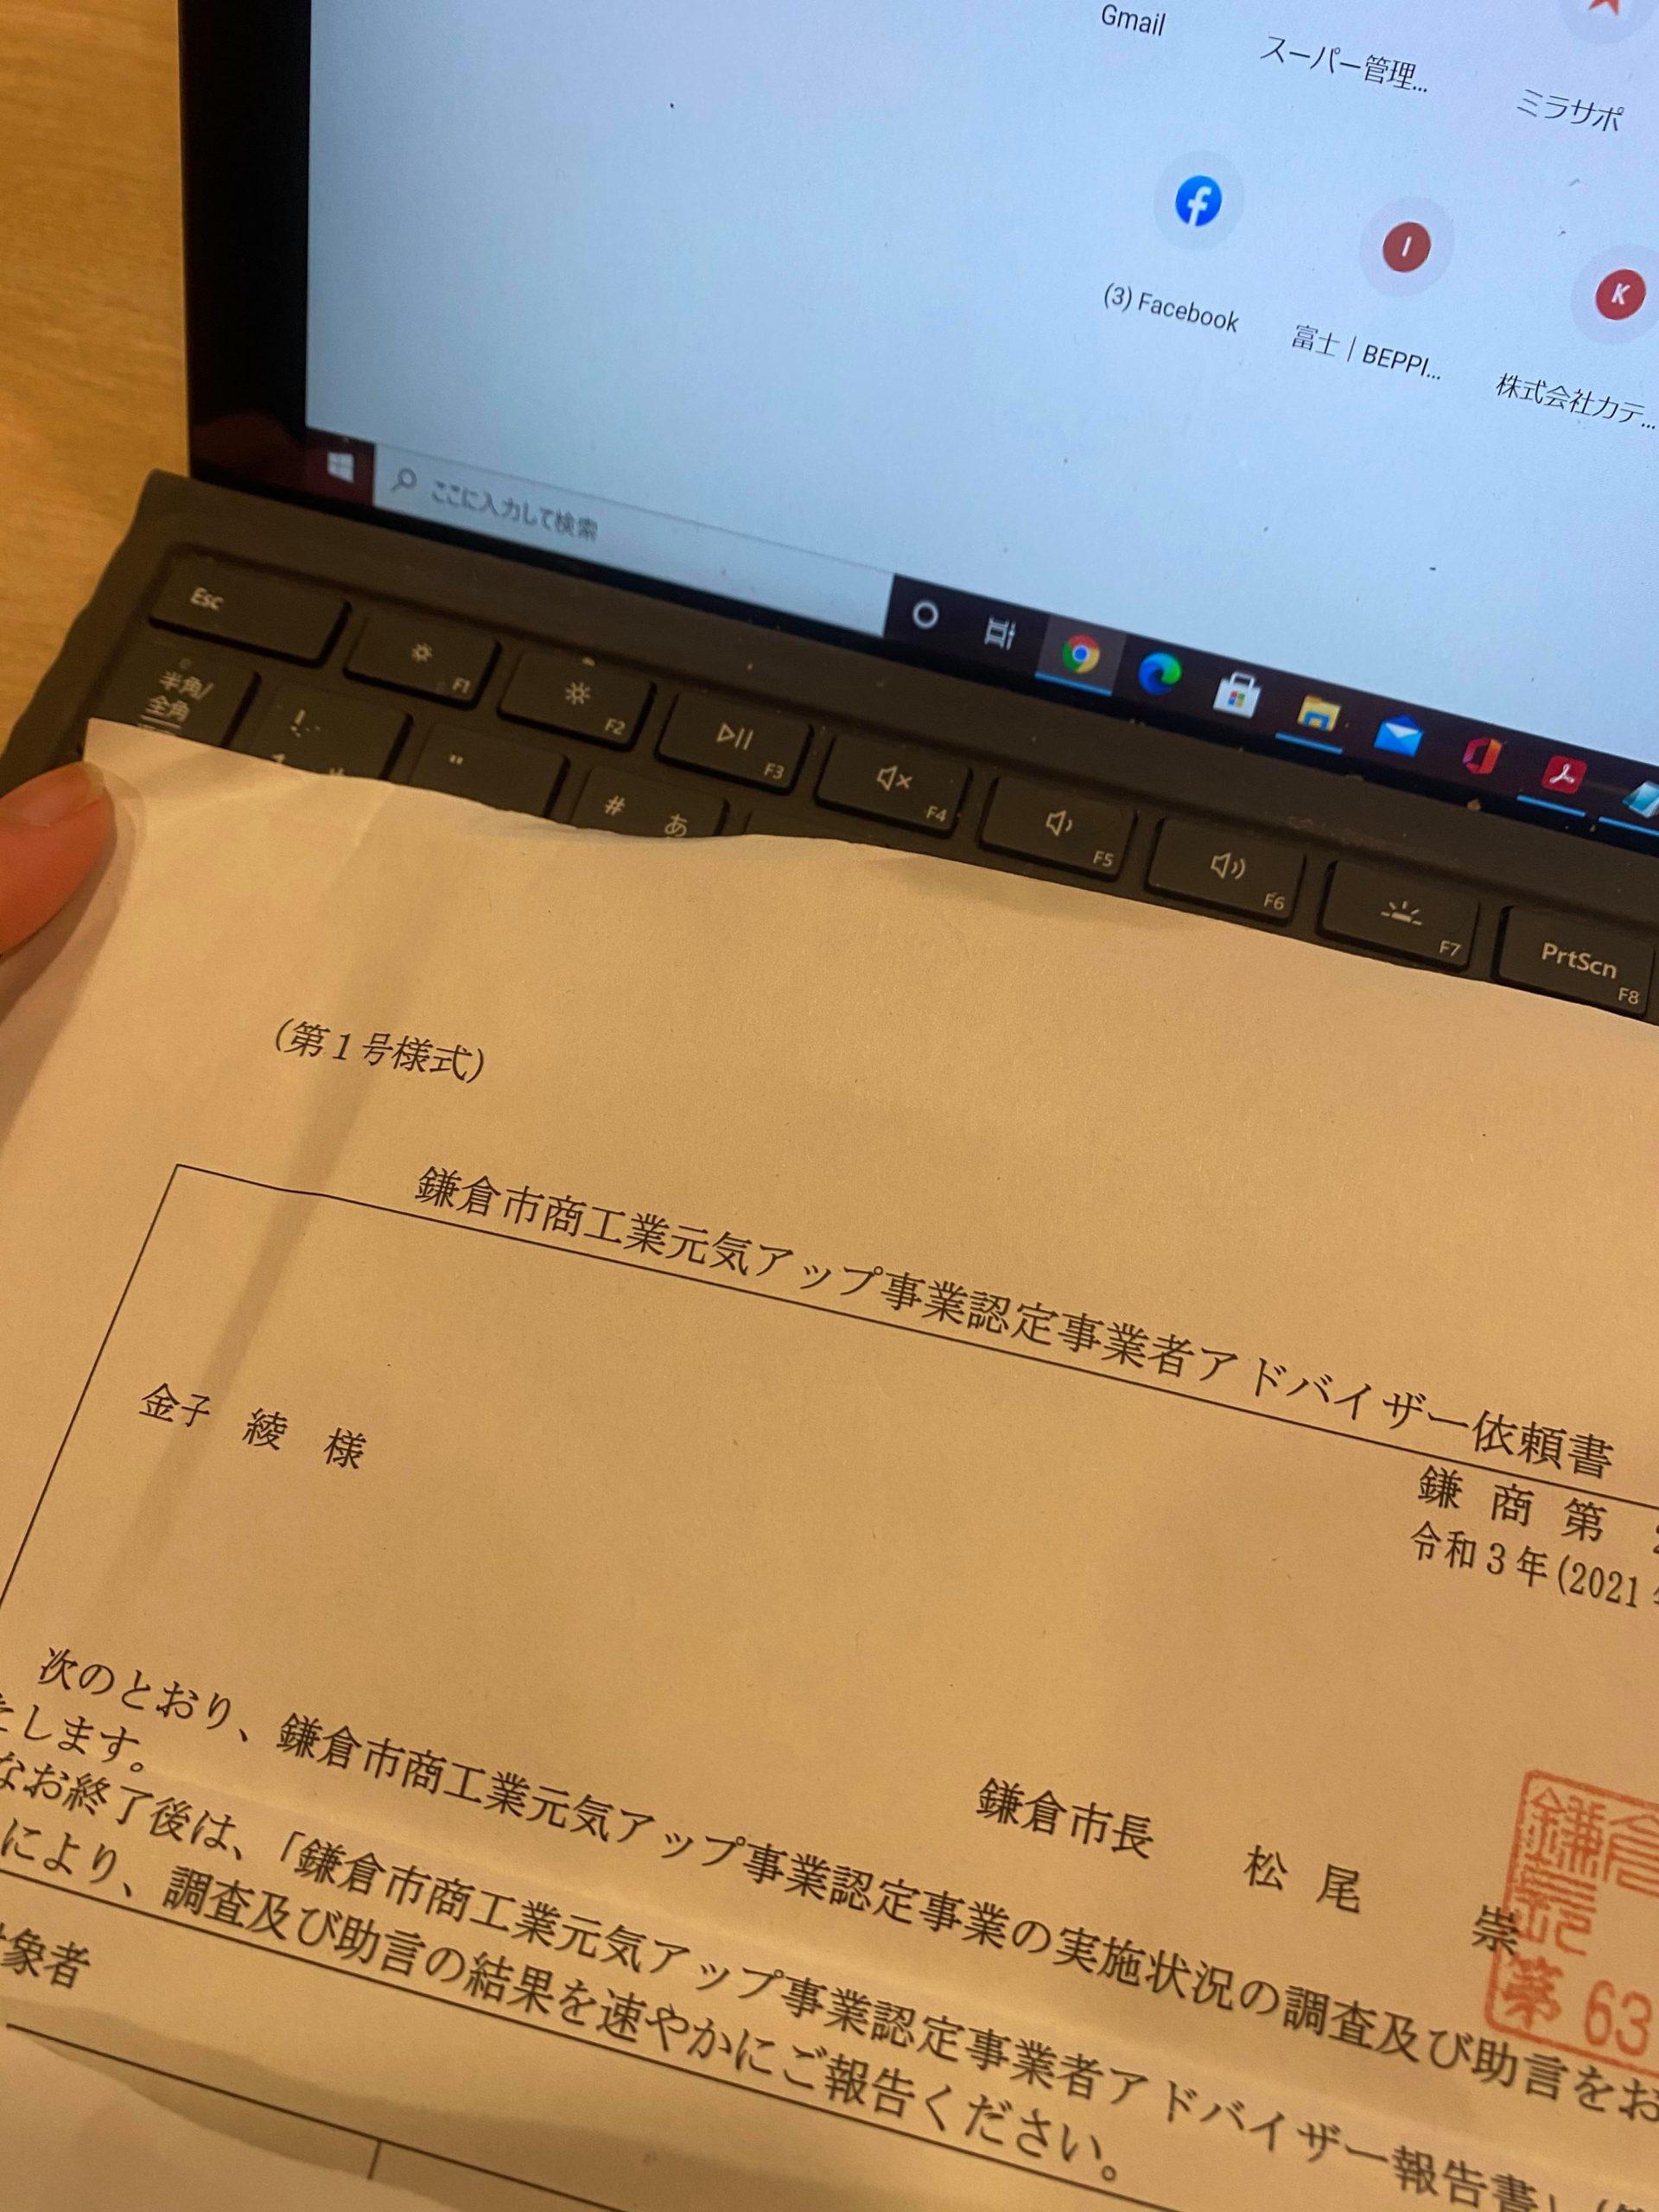 鎌倉市商工元気アップ事業のアドバイザー|鎌倉市商工課さまからのご依頼